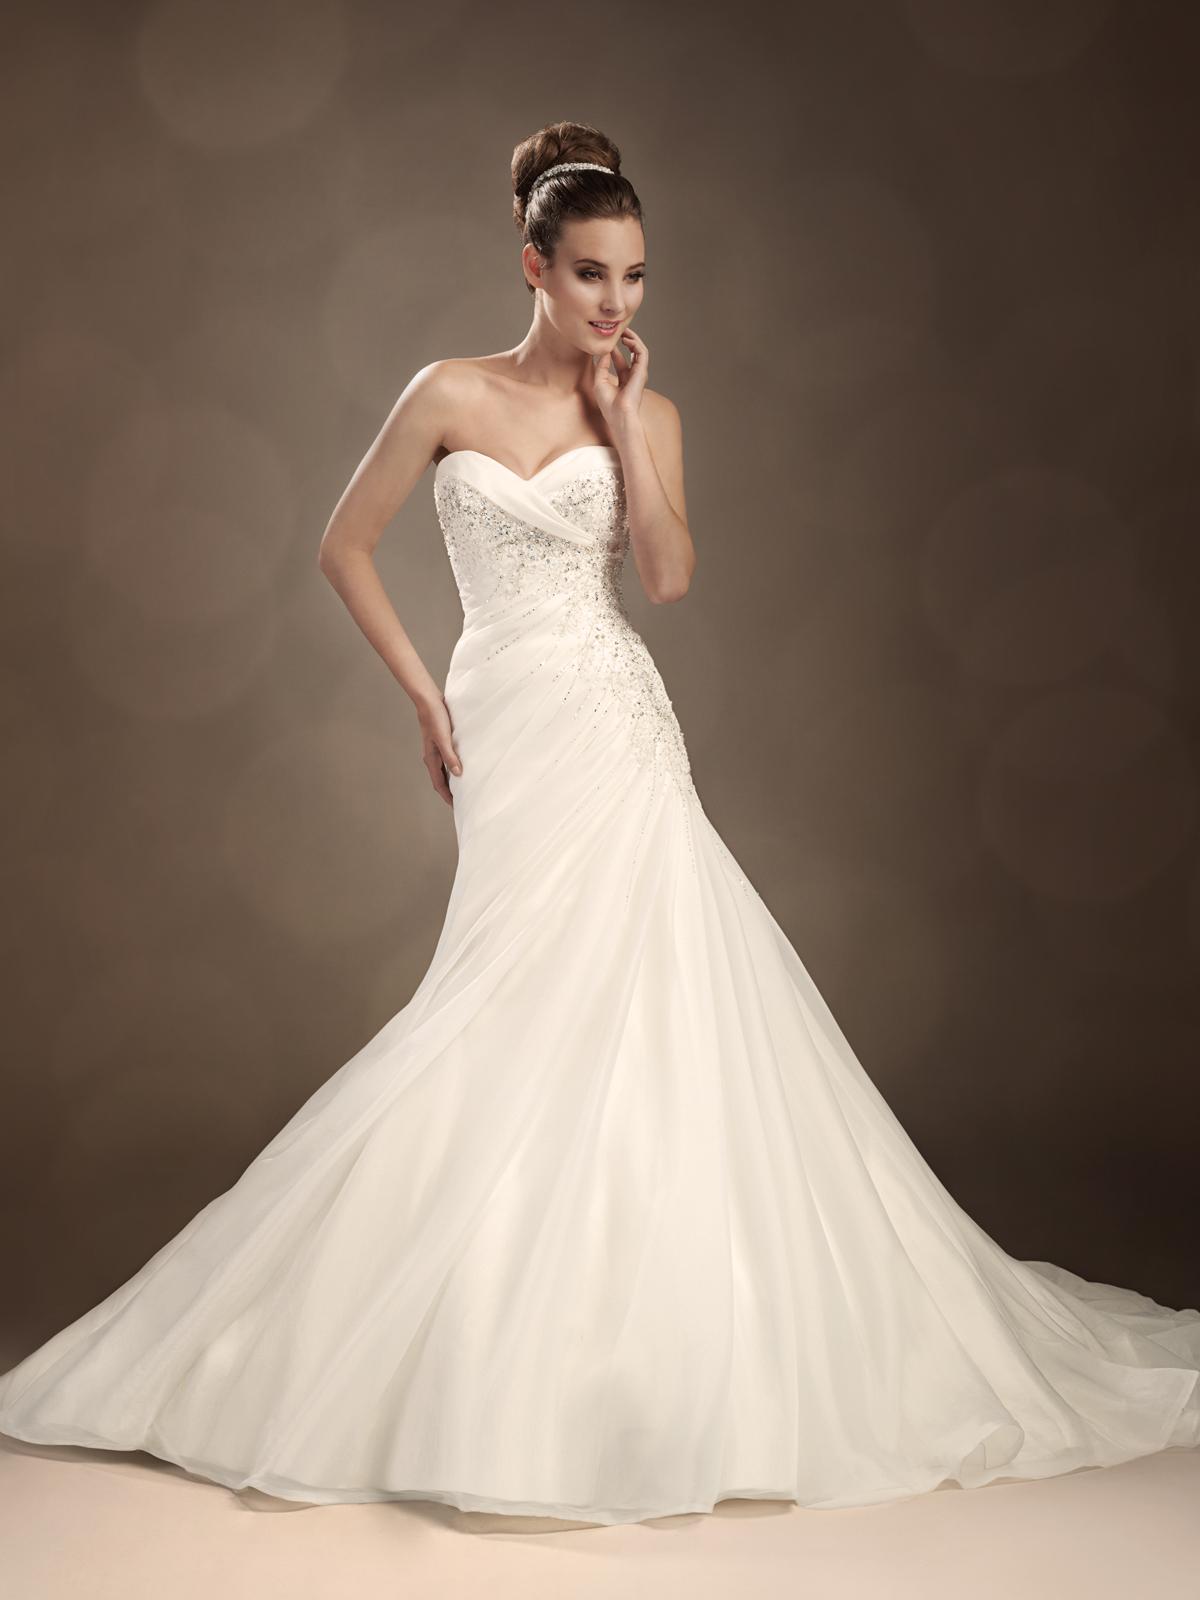 Vestido de Noiva Nice - Hipnose Alta Costura e Spa para Noivas e Noivos - Campinas - SP Vestido de Noiva, Vestidos de Noiva Sereia, Hipnose Alta Costura, Vestido de Noiva Nice